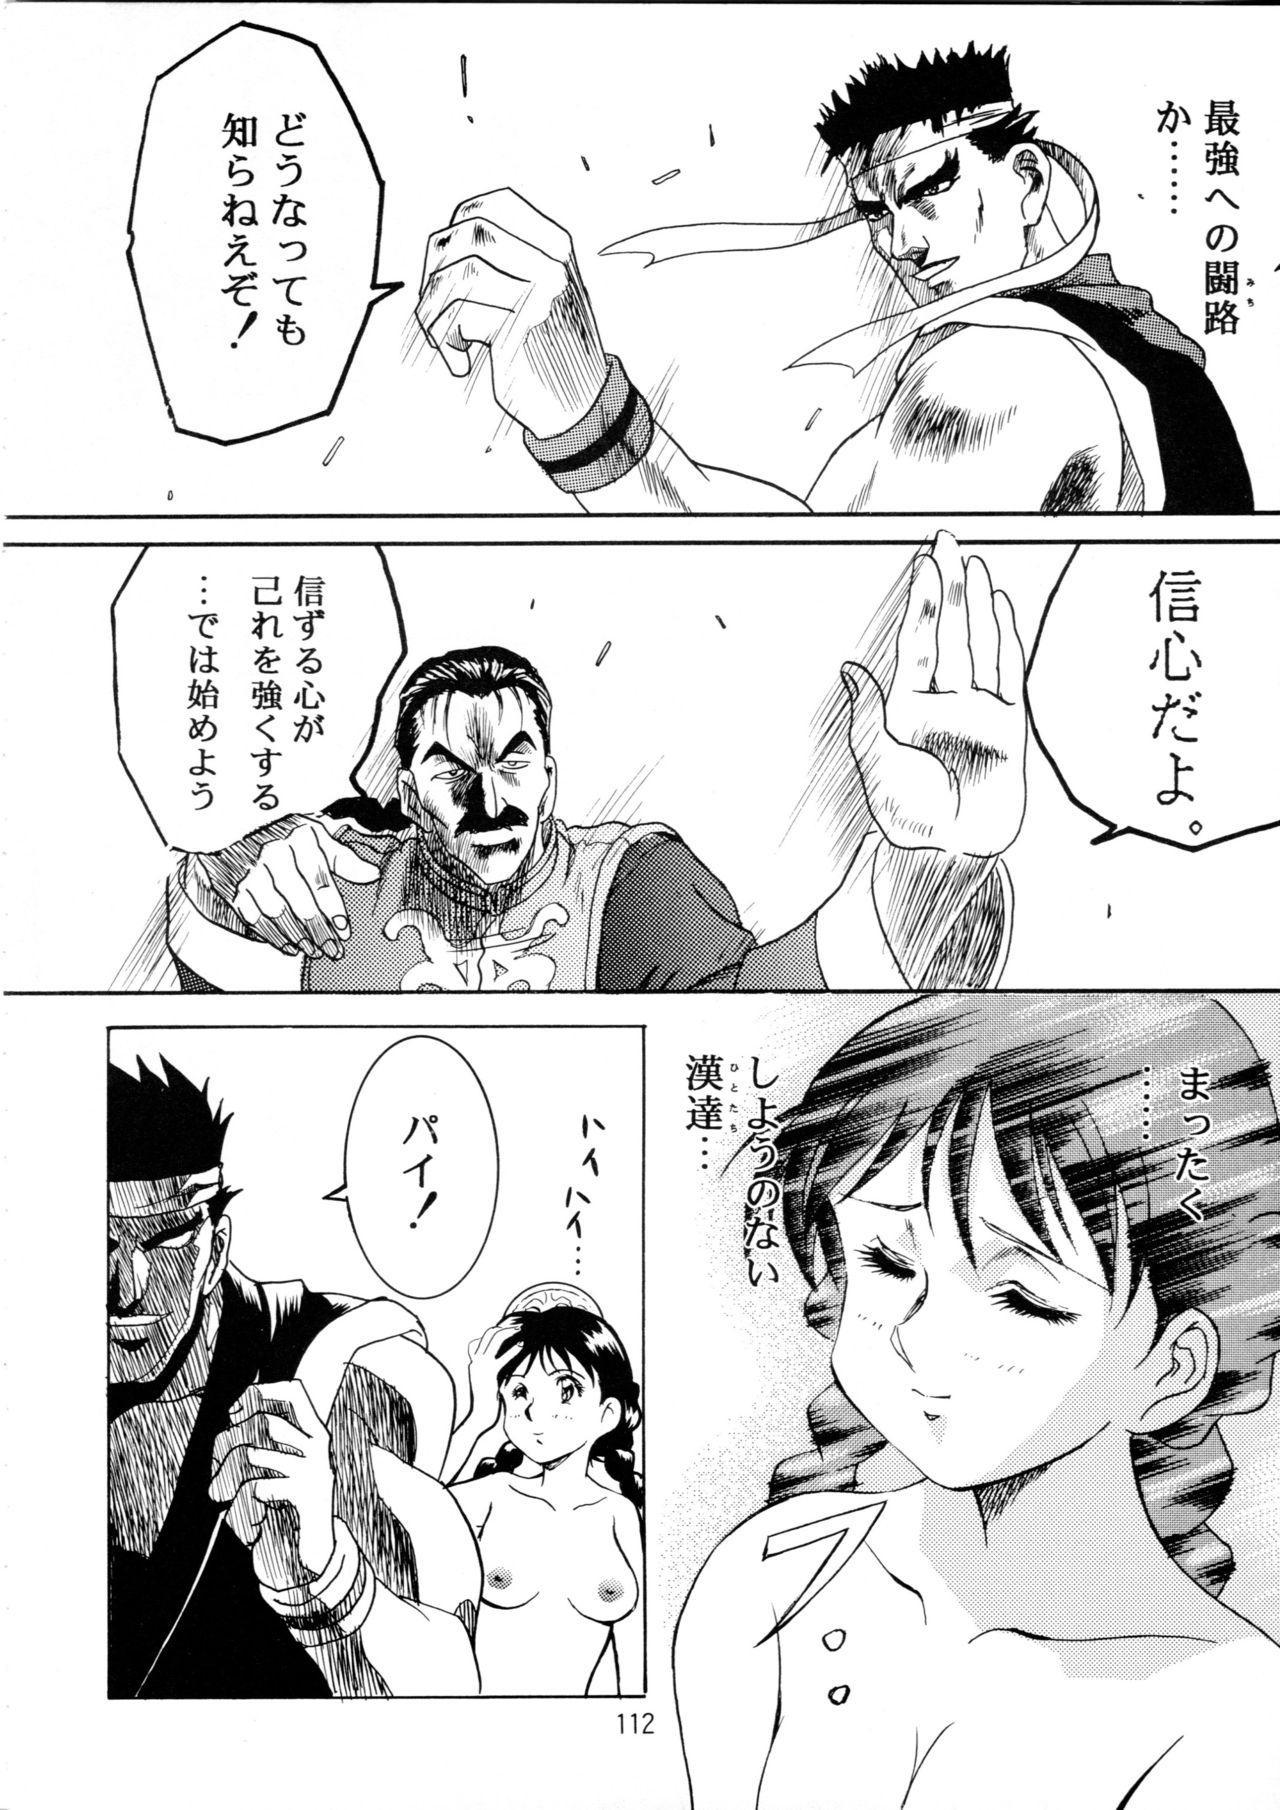 Henreikai Special Vol. 9 109